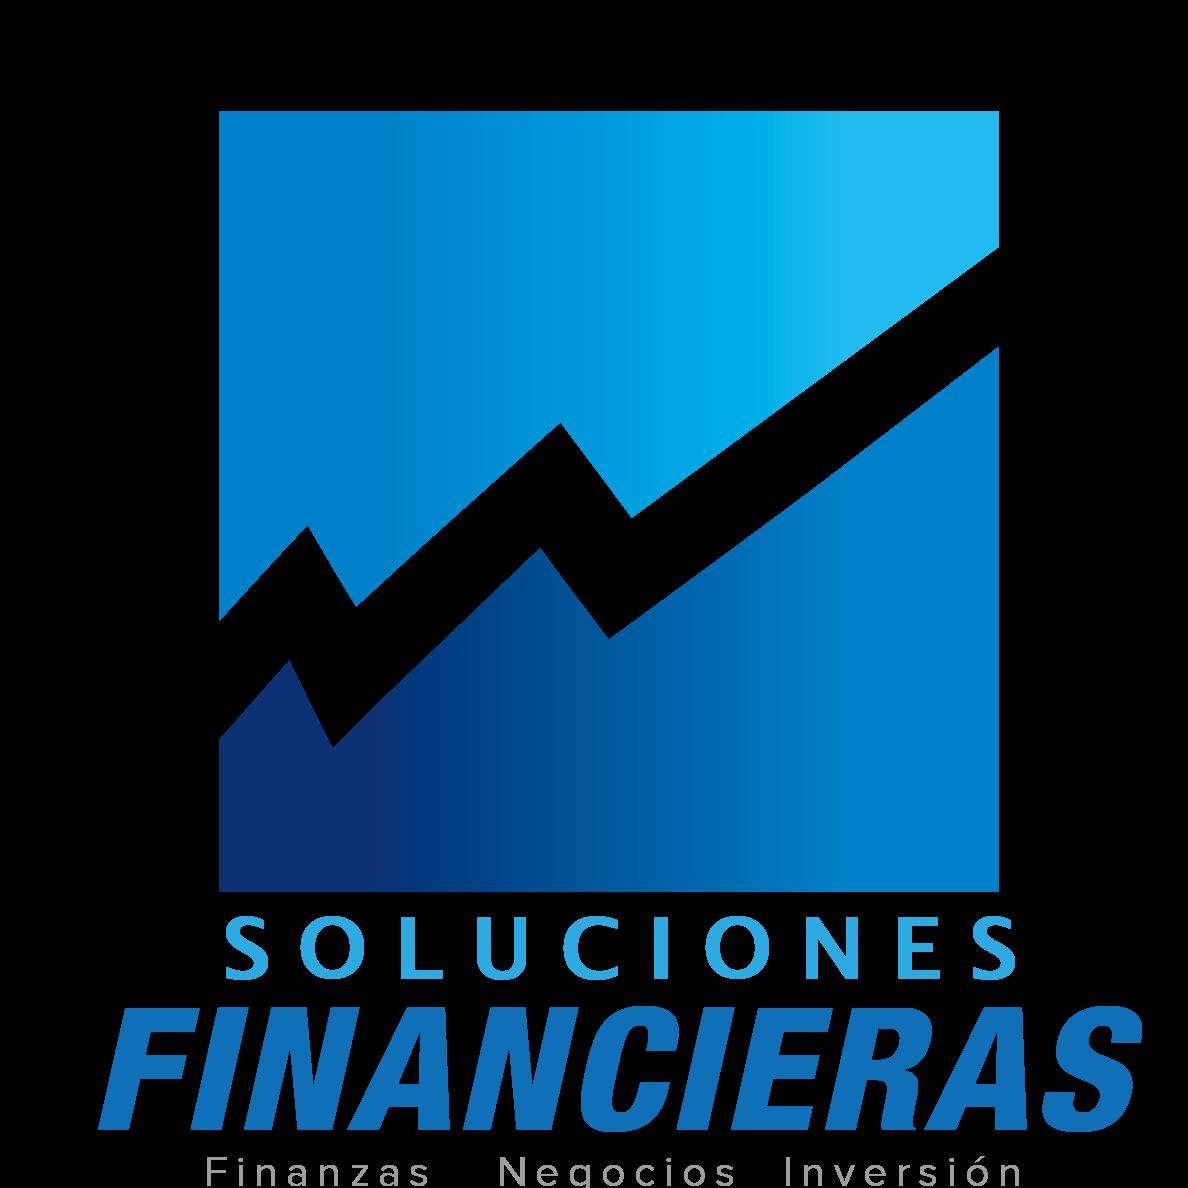 Financieras